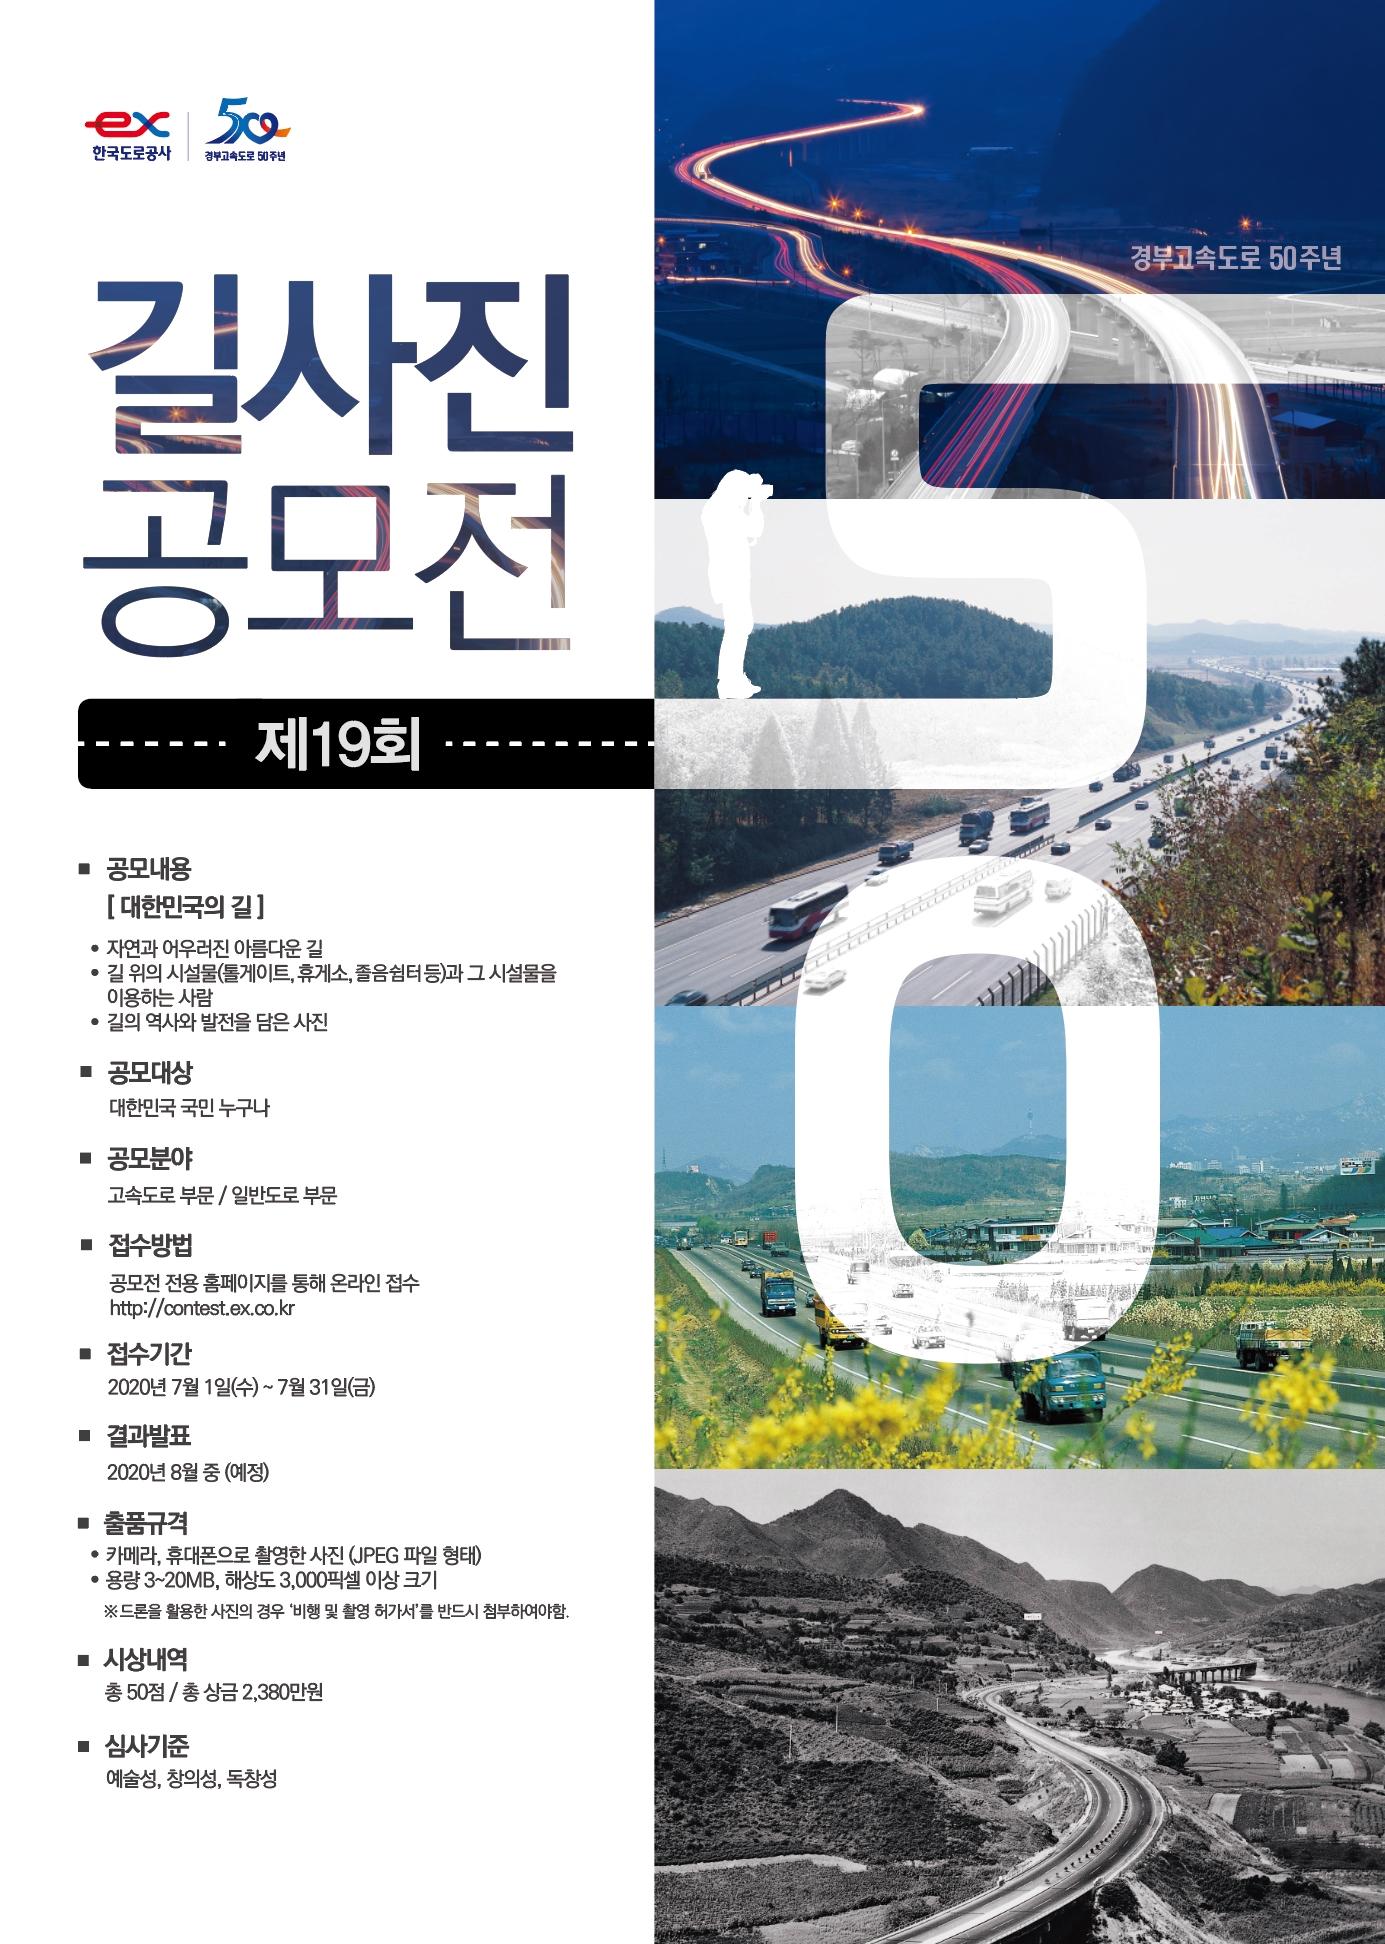 한국도로공사, 제19회 길 사진 공모전 개최,'대한민국의 길'을 주제로 국민 누구나 참여